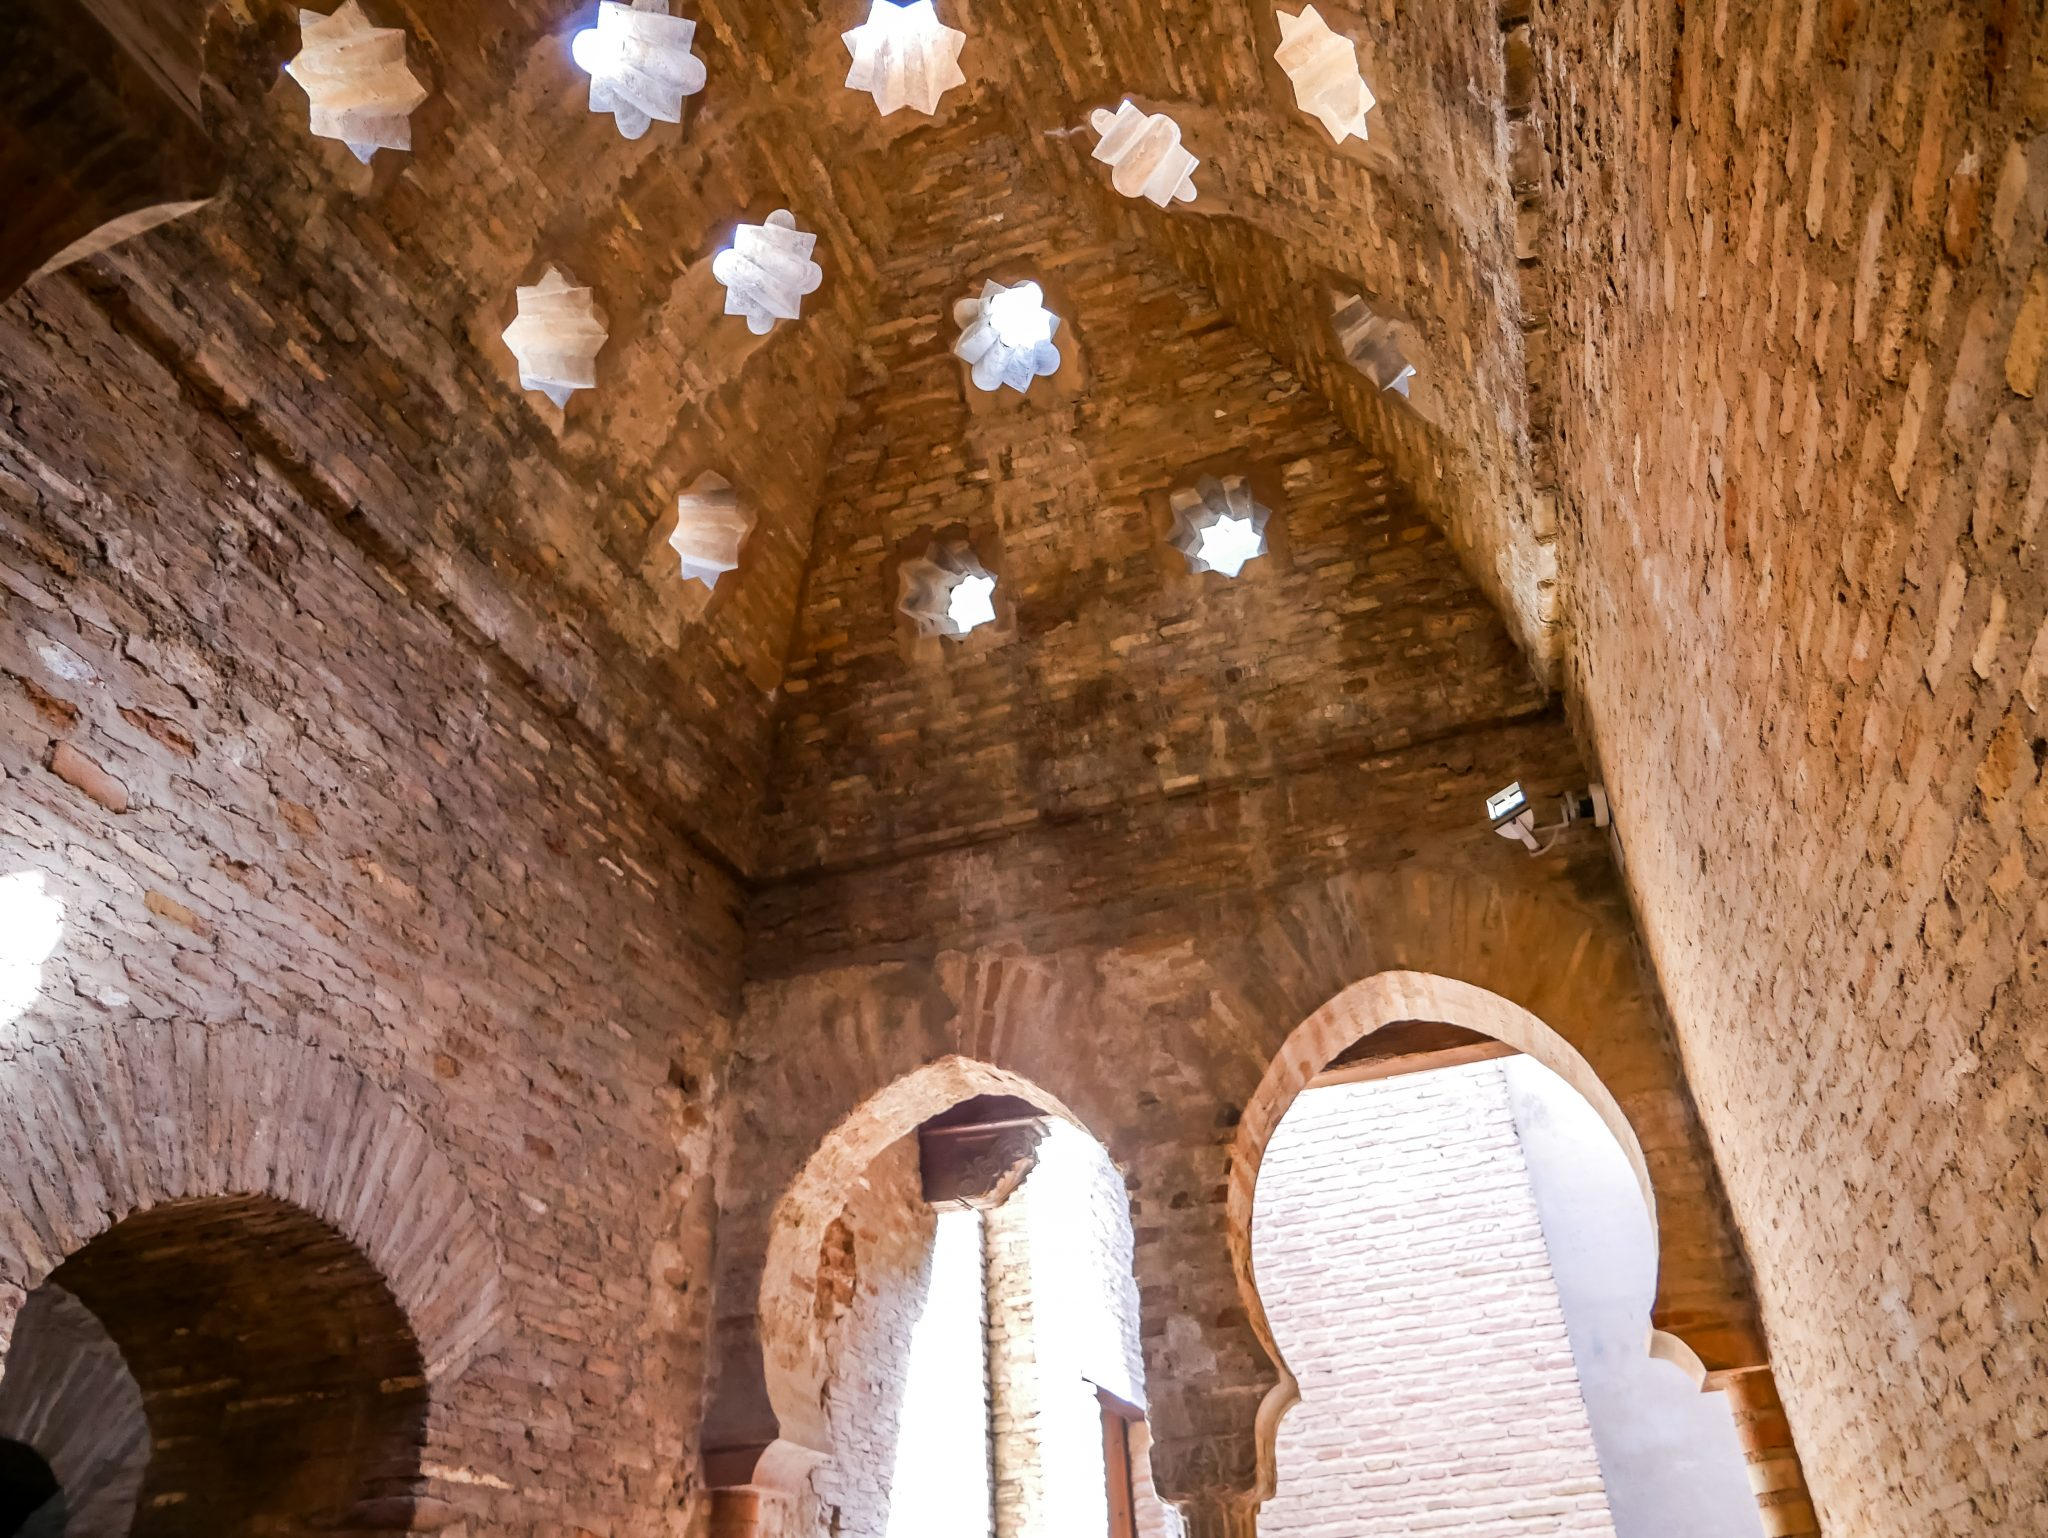 Die Baños der Alhambra kannst du kostenlos besichtigen, sie befinden sich gegenüber von den Souvenirläden, auf dem Gelände der Alhambra.